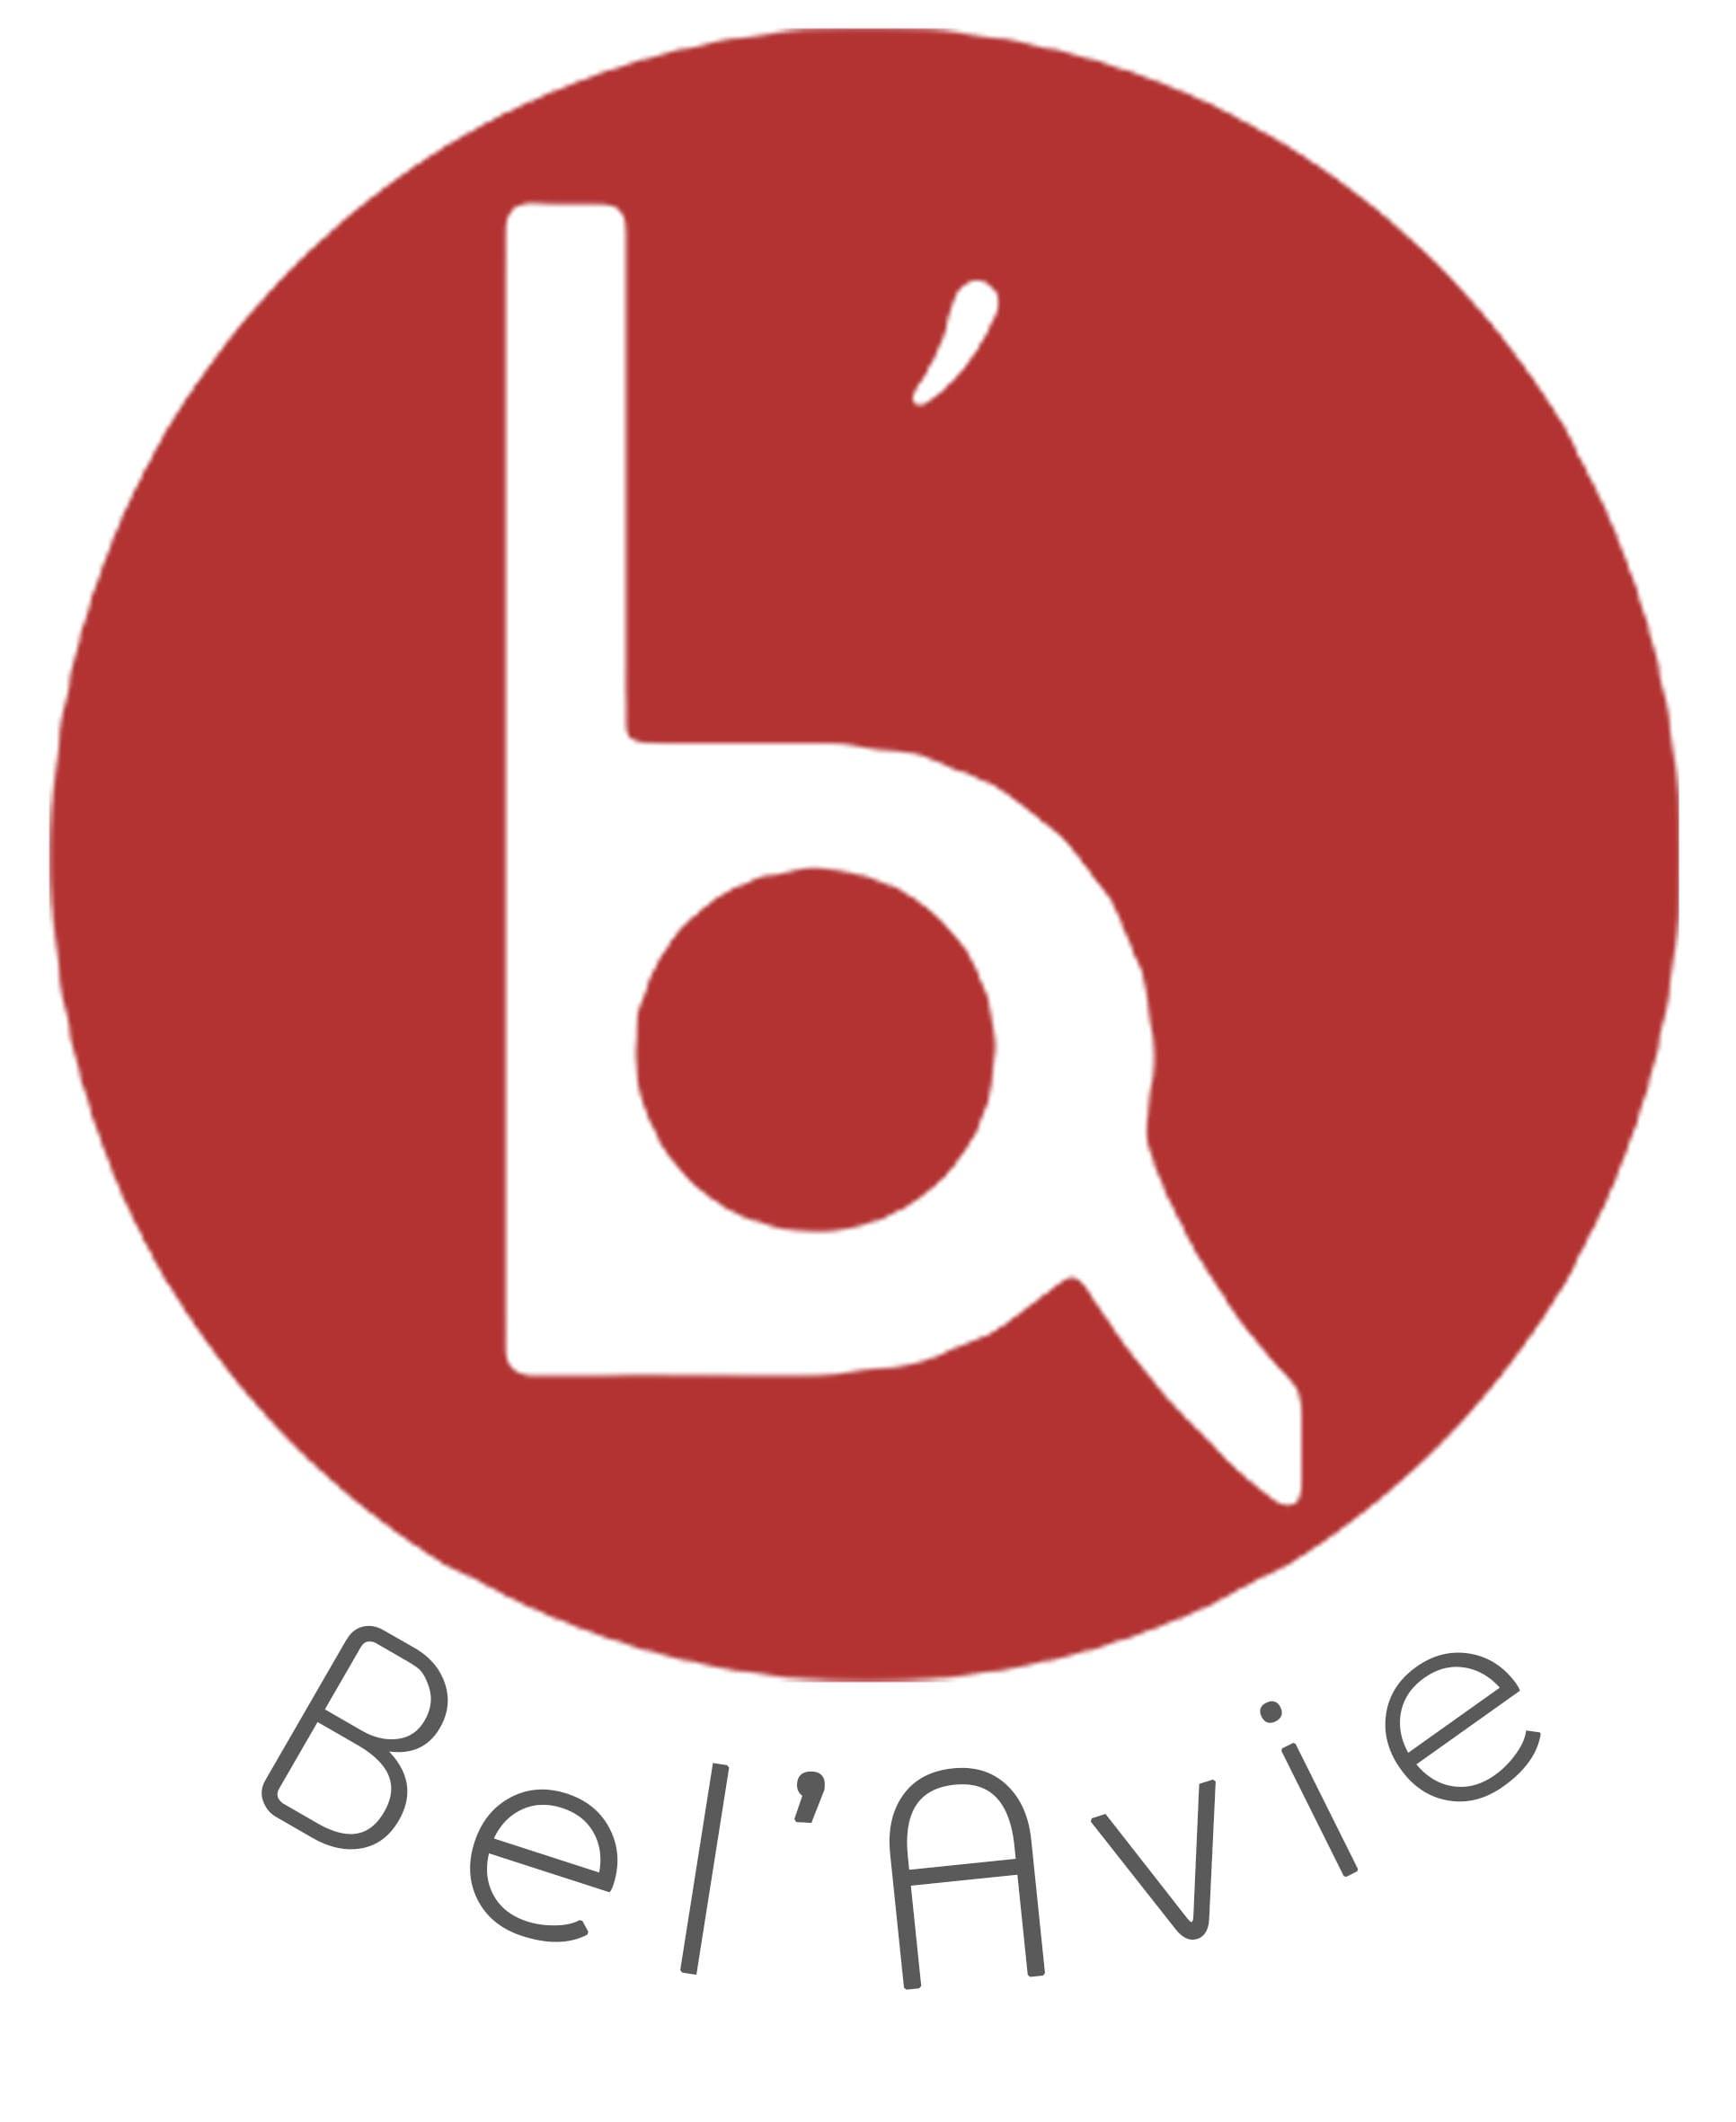 logo de bel'avie